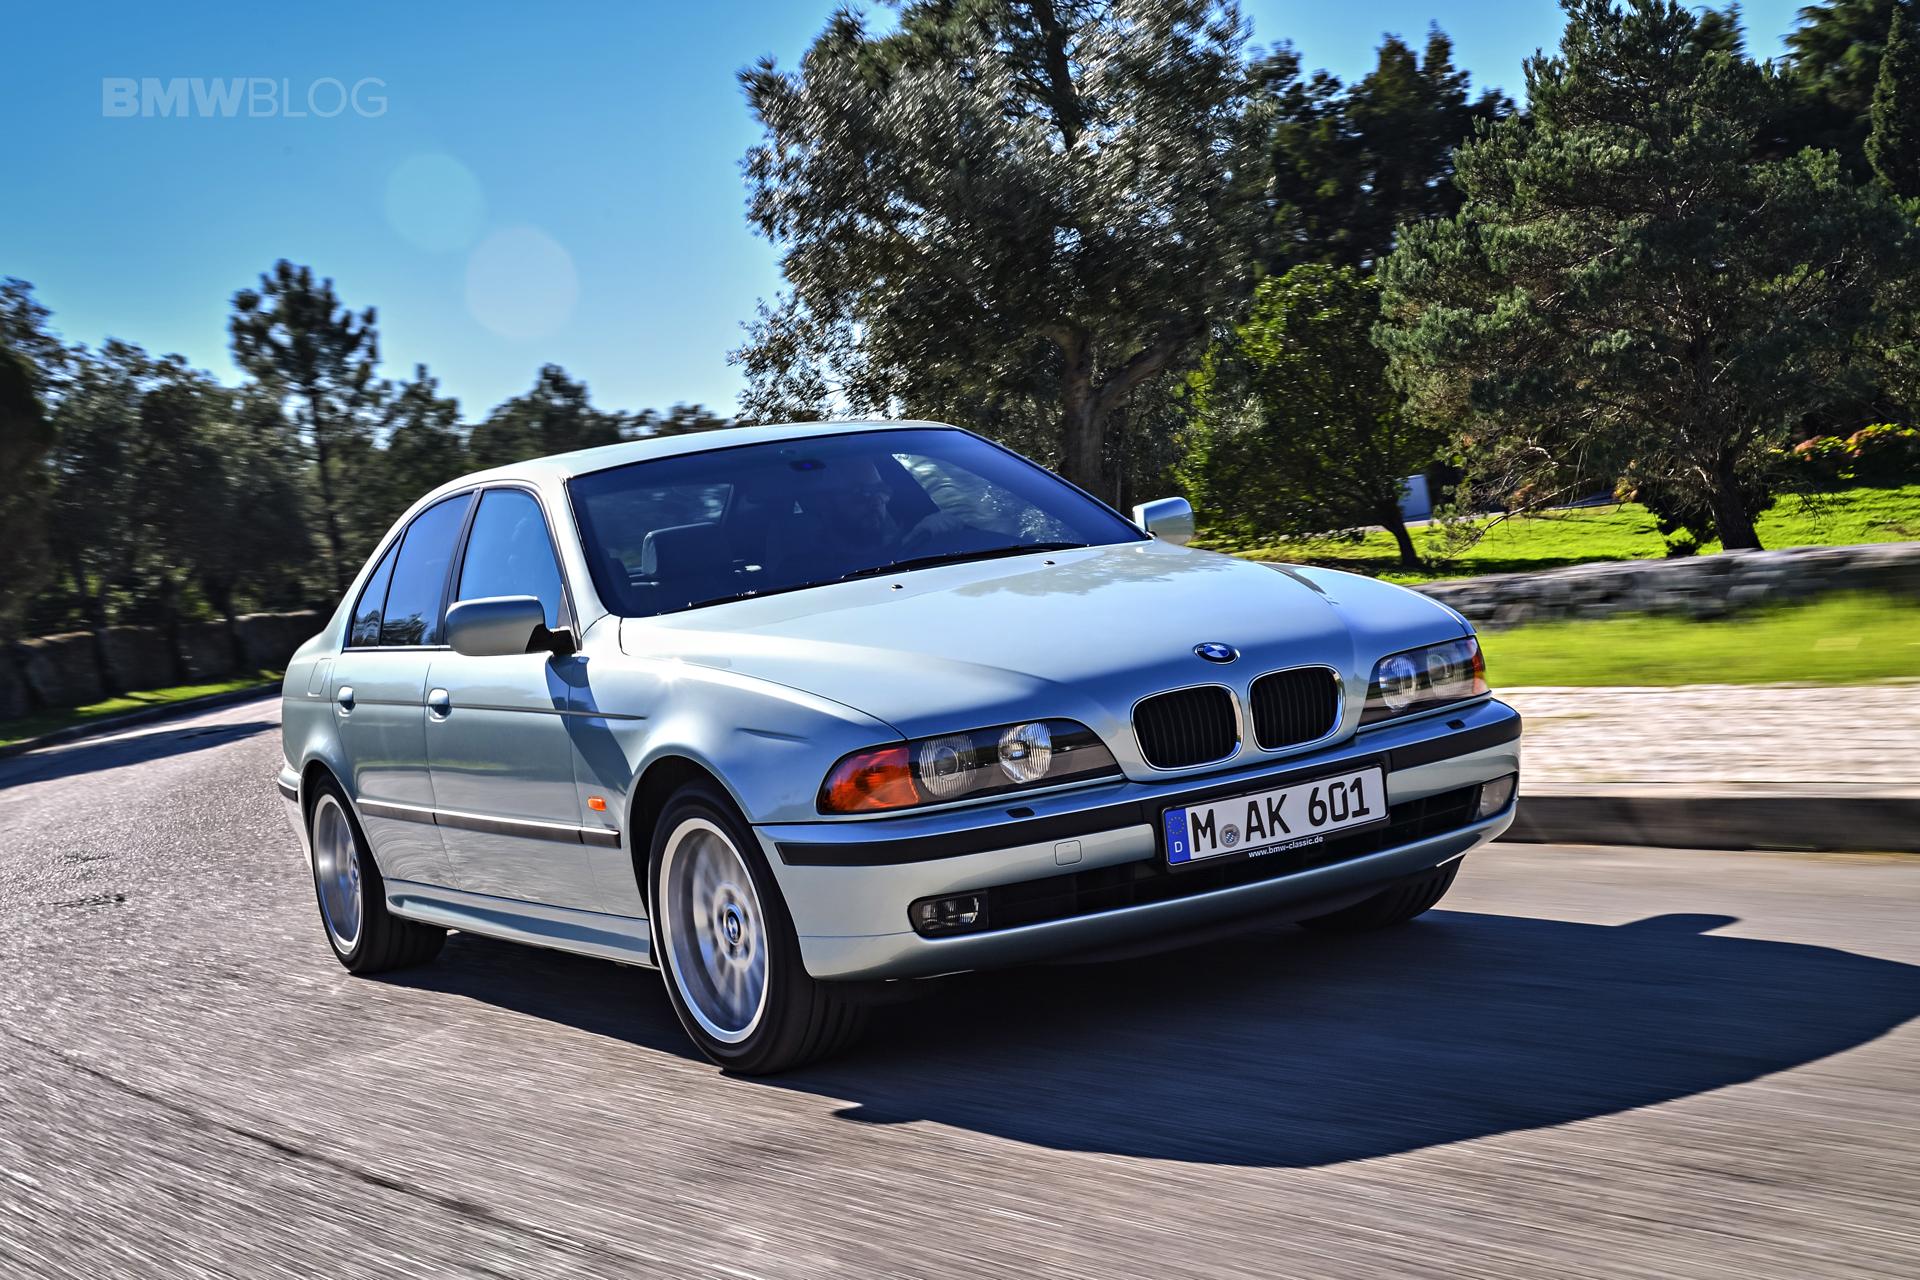 BMW E39 5 Series photos 21